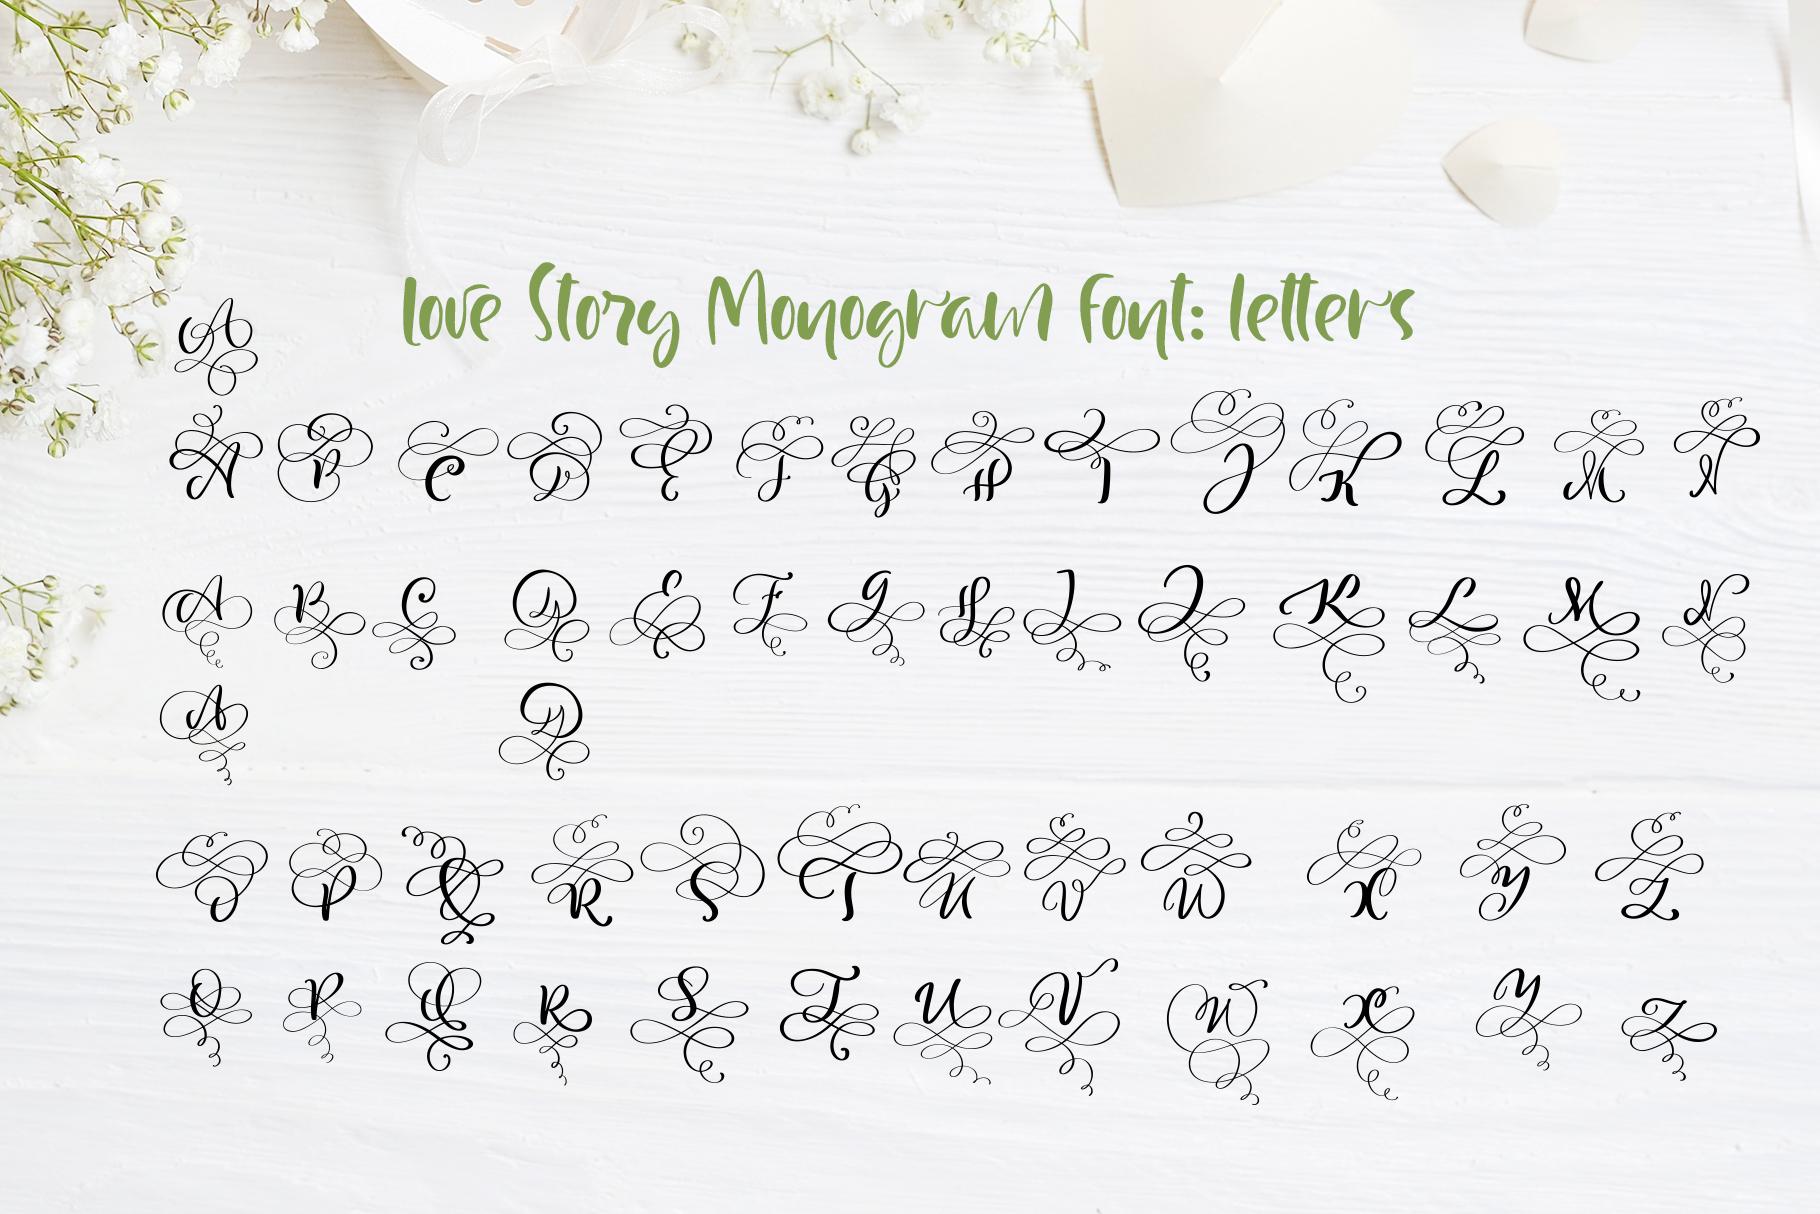 Love Letters Monogram Font - title06